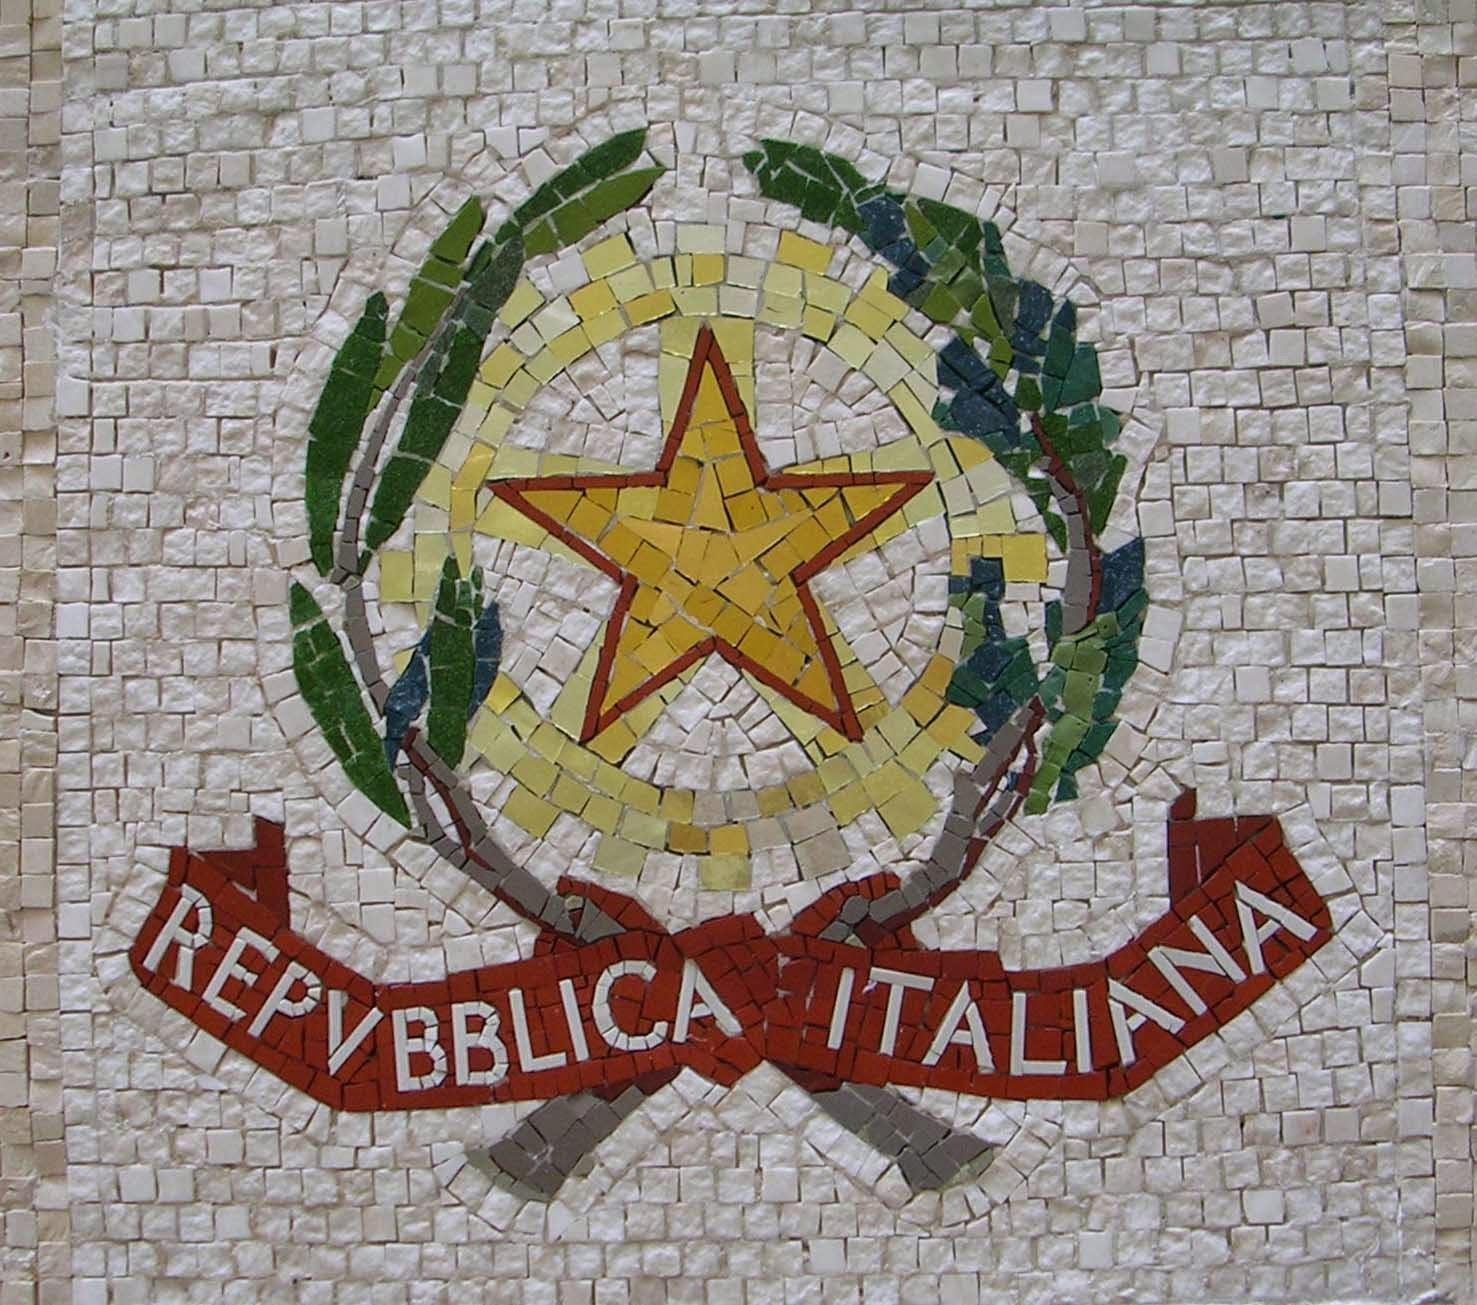 Comune Di Pavia Polizia Locale: HelpLavoro: CONCORSI PUBBLICI 2014 PER LAUREATI E DIPLOMATI